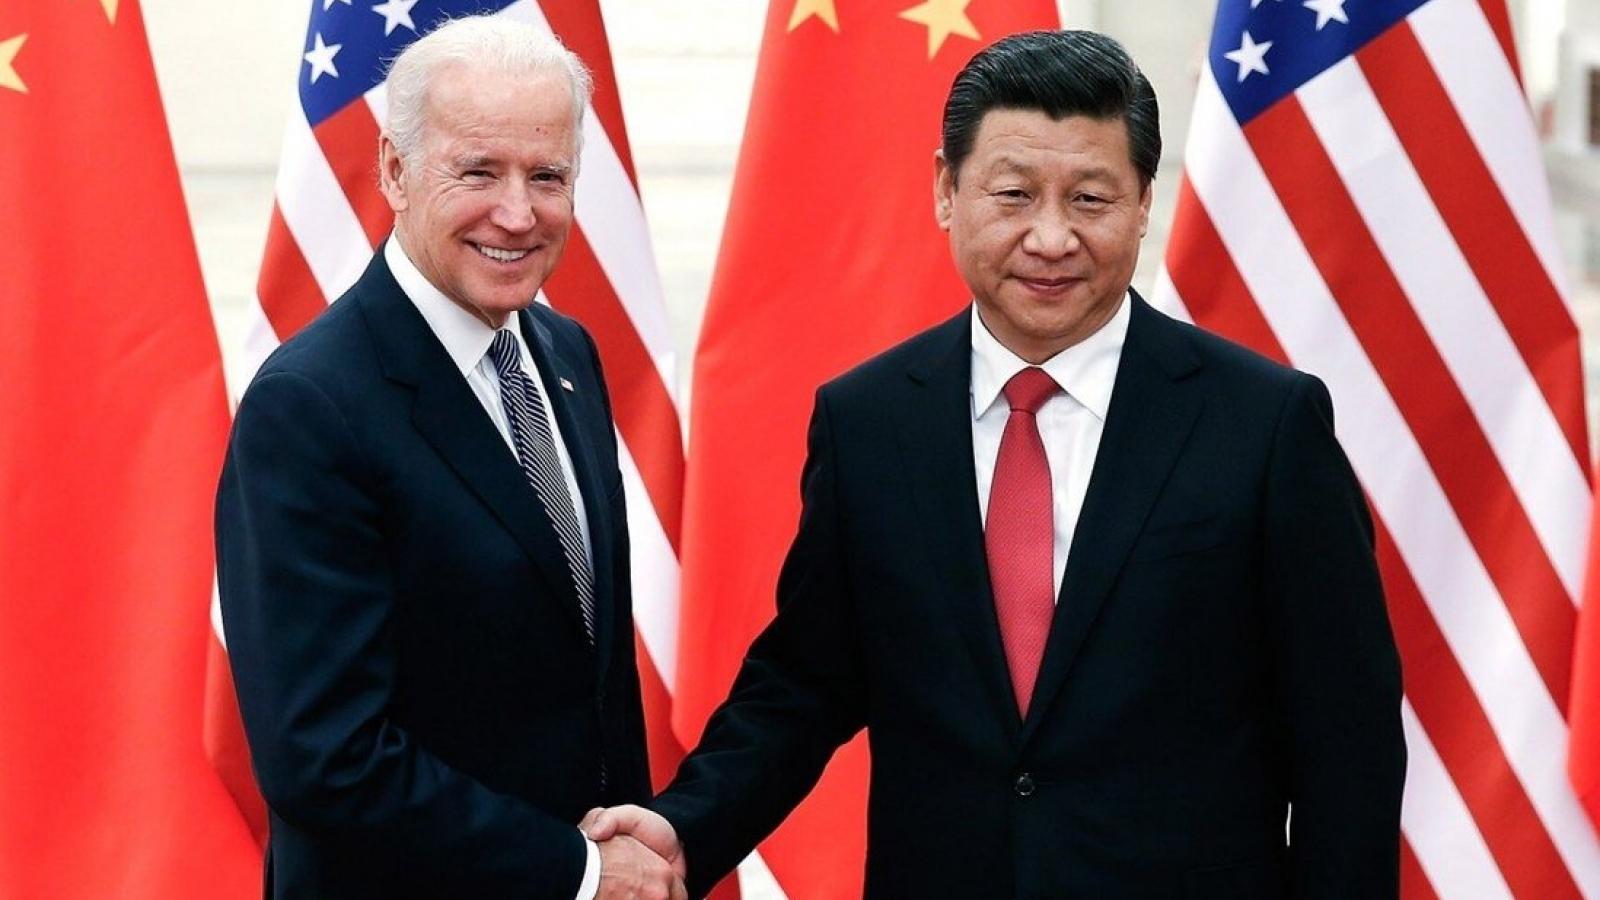 """Tổng thống Biden: Mỹ - Trung sẽ """"cạnh tranh gay gắt"""" thay vì xung đột"""